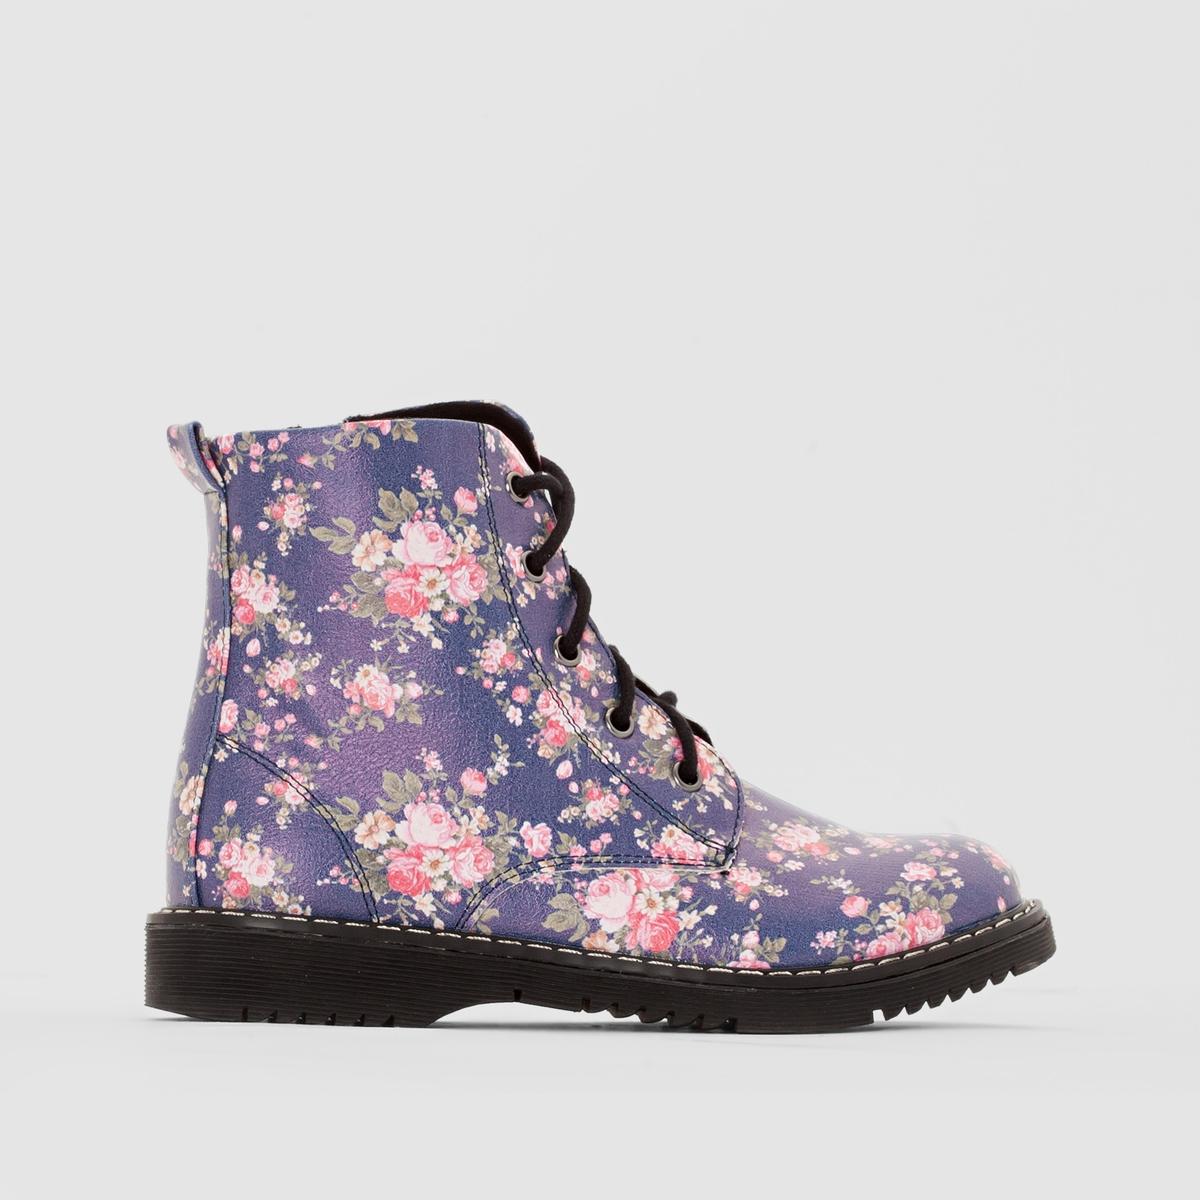 Ботинки с цветочным рисунком